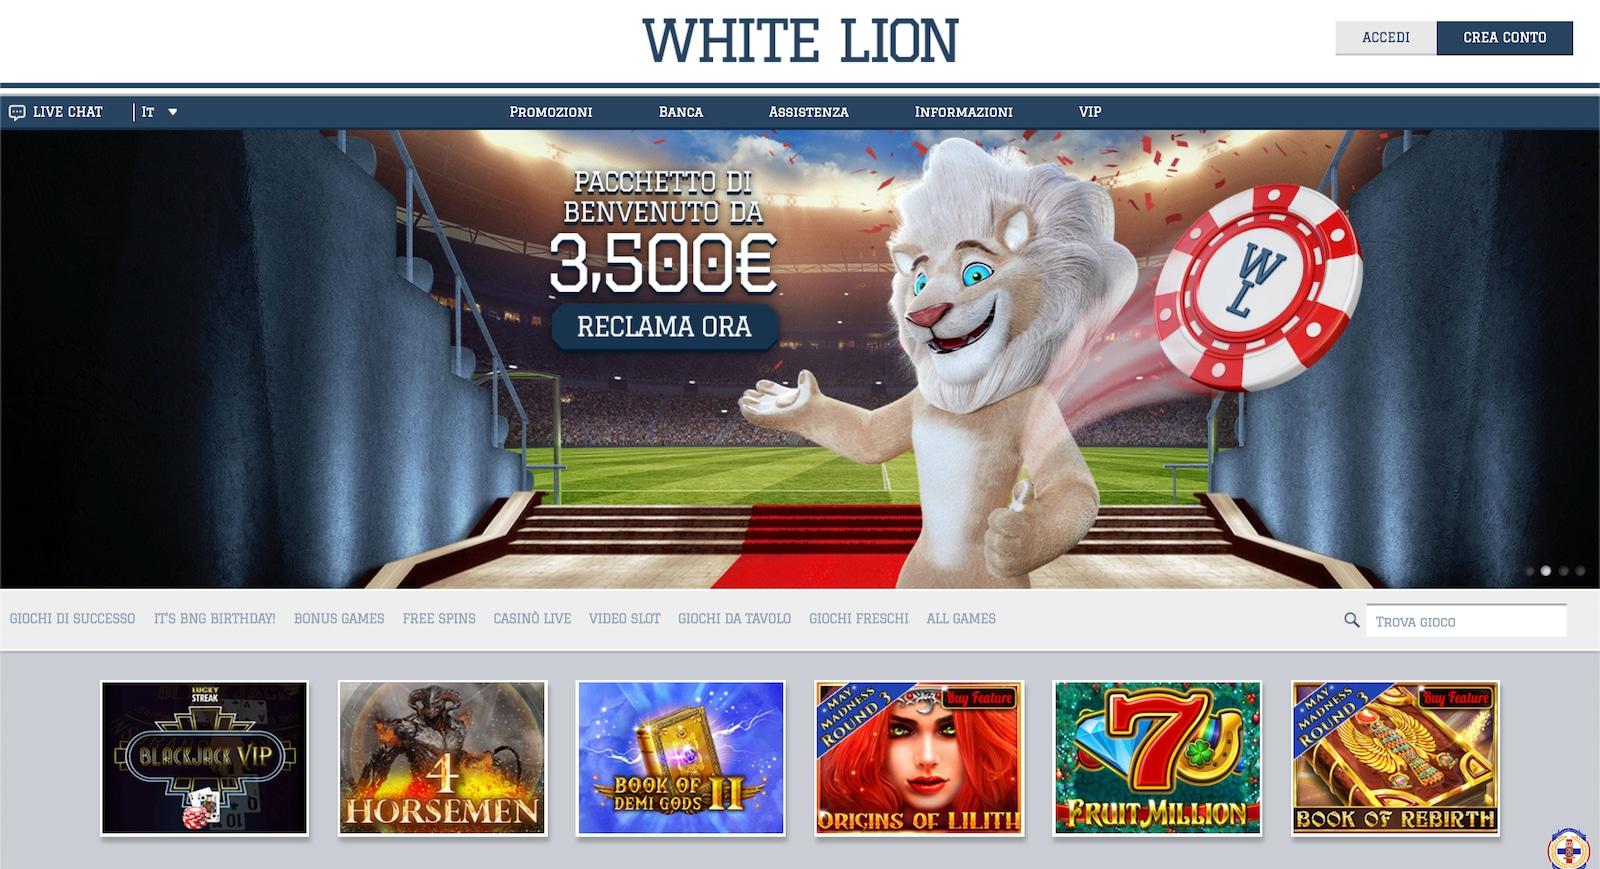 come vincere soldi veri sulla scommessa del white lion bet